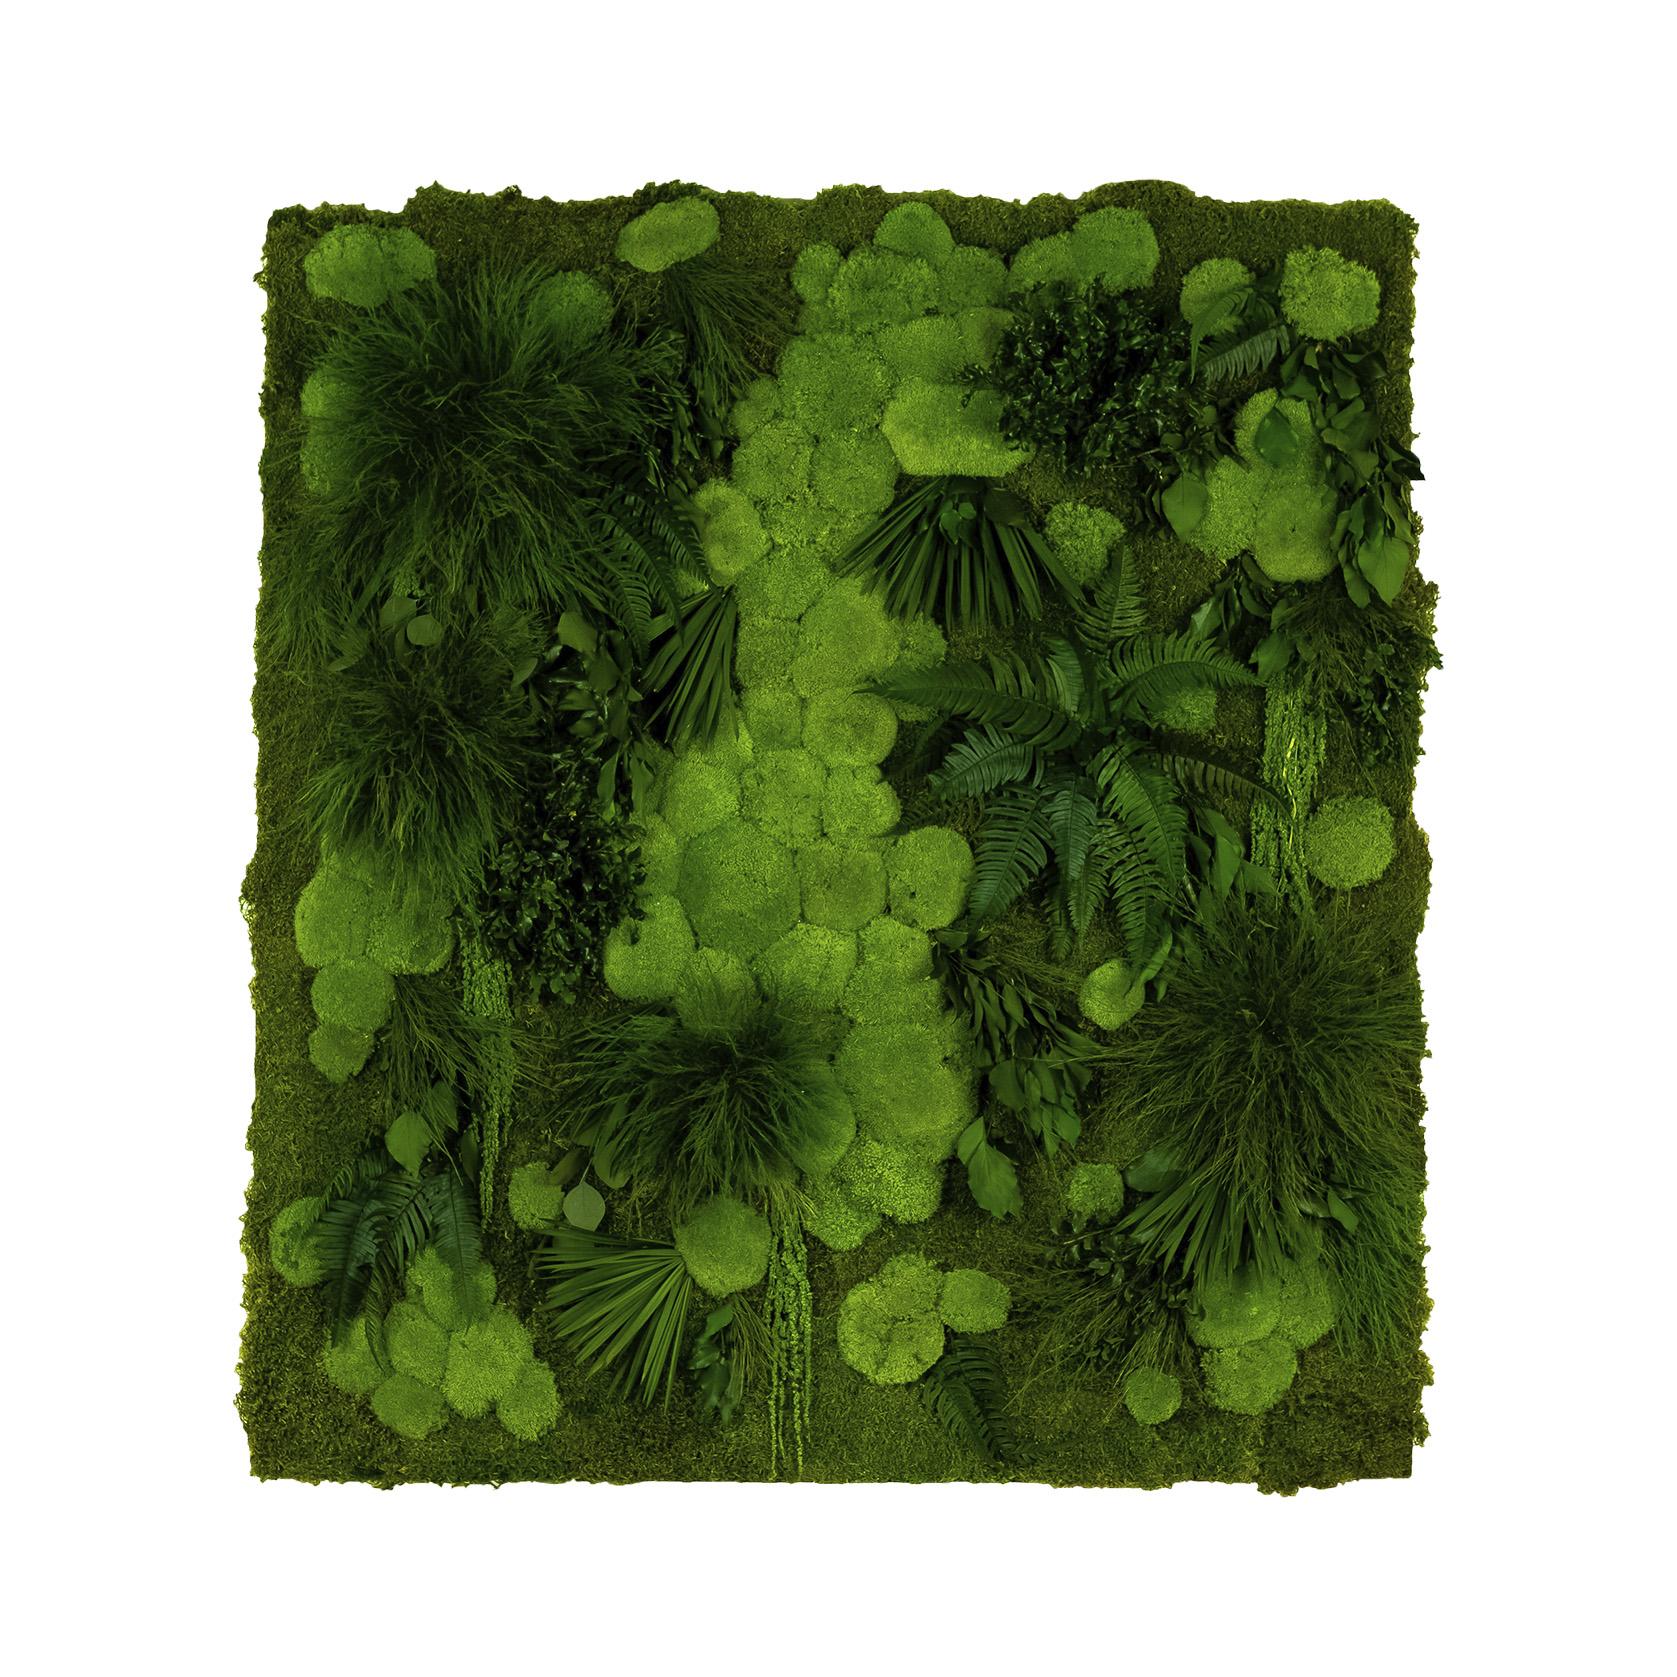 Wall Moss Art